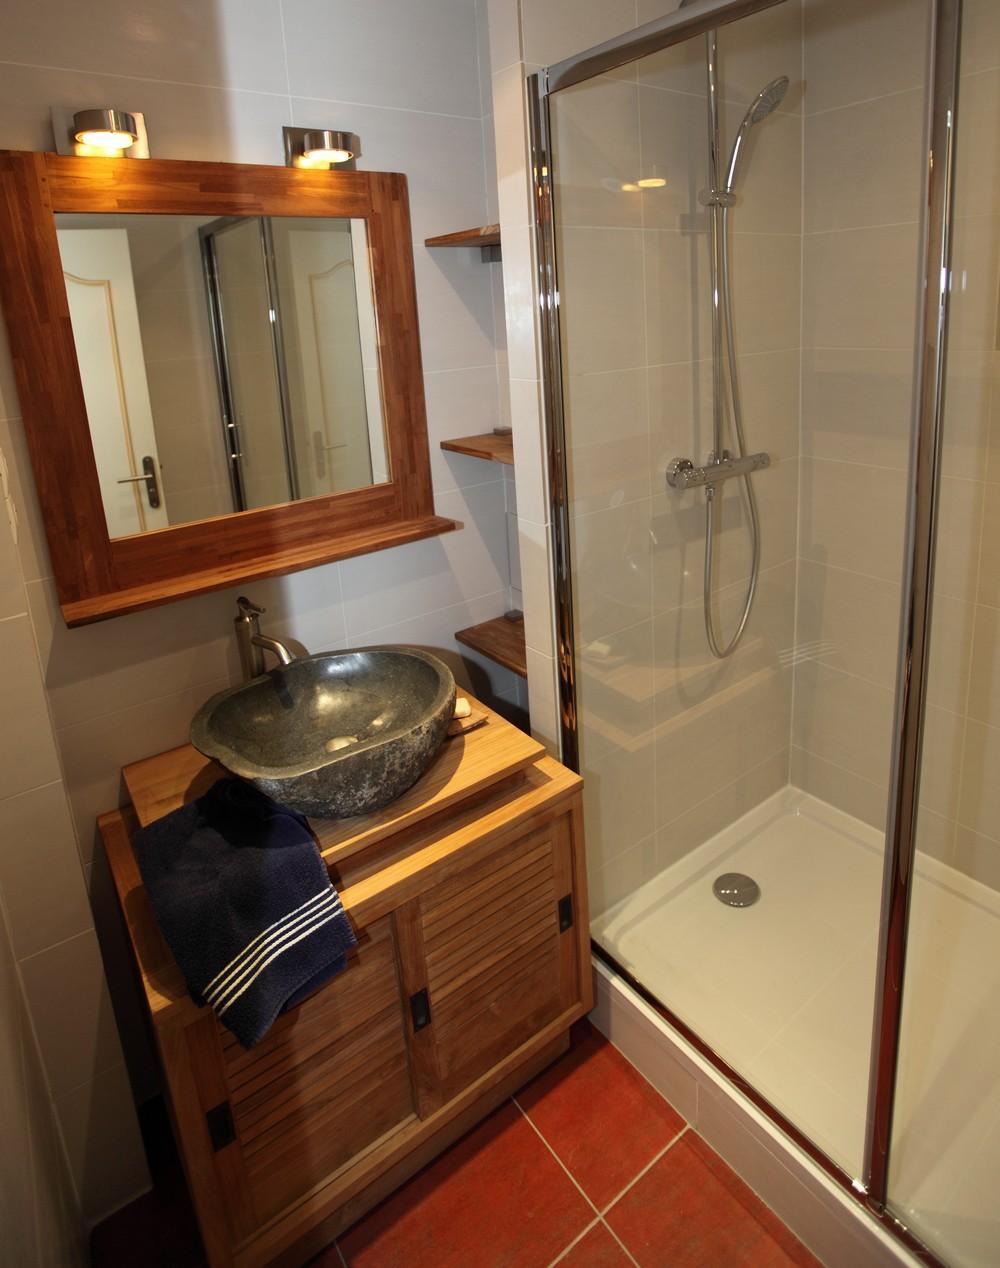 Salle de bain meubles meubles pour la salle de bain for Buffet pour salle de bain